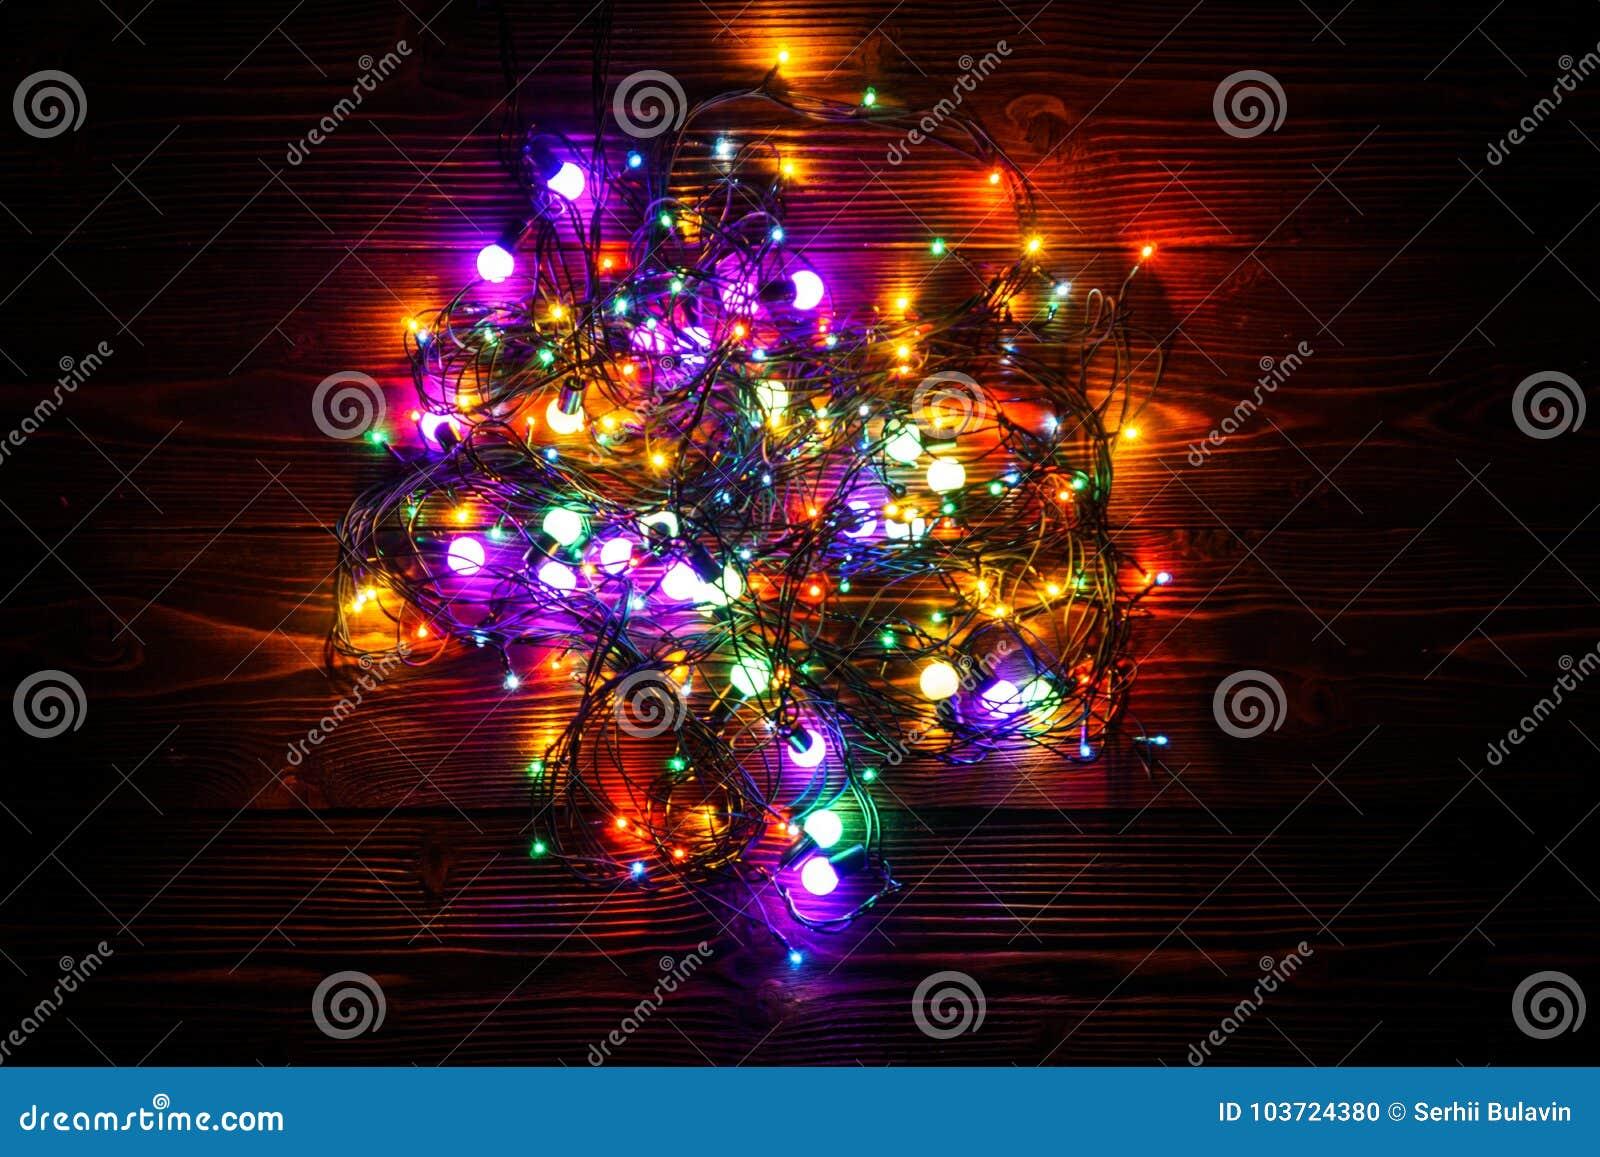 Corona e ghirlande delle lampadine colorate fondo di natale con le